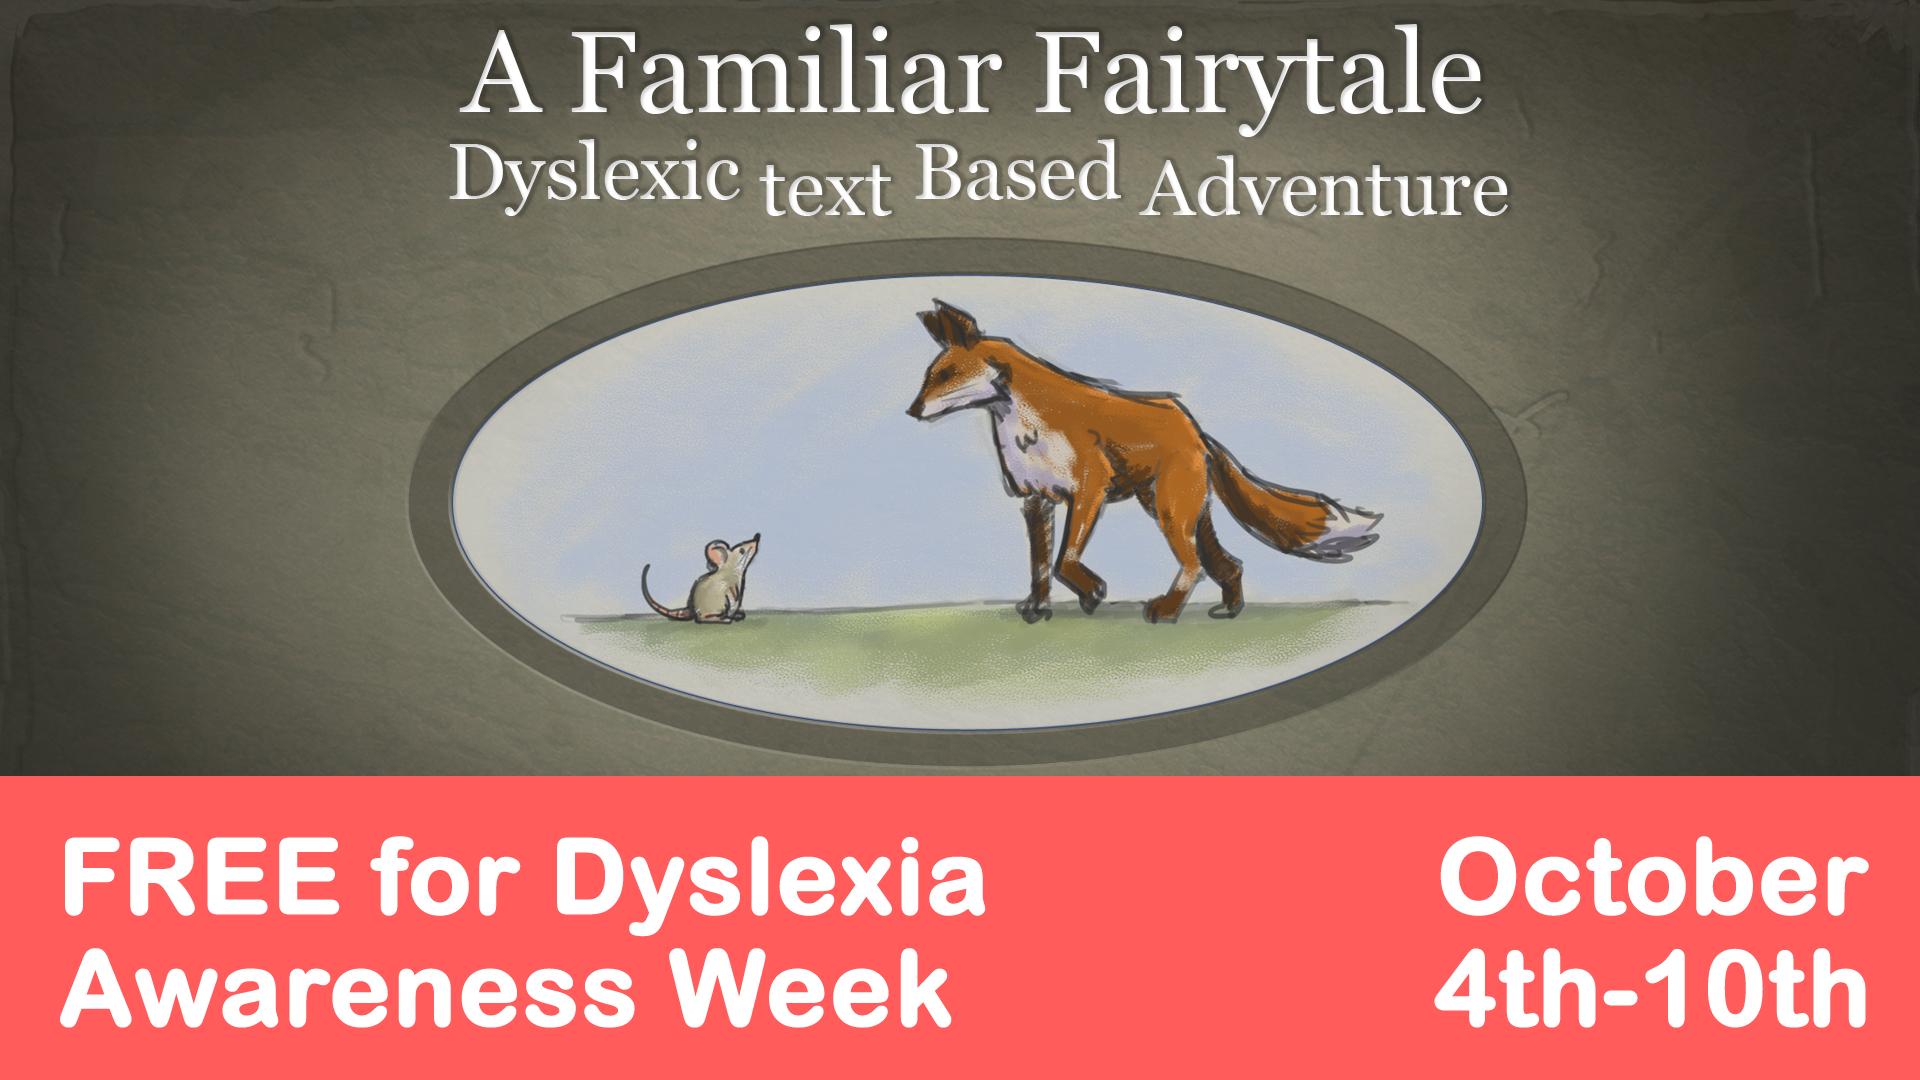 A Familiar Fairytale: Dyslexic text Based Adventure